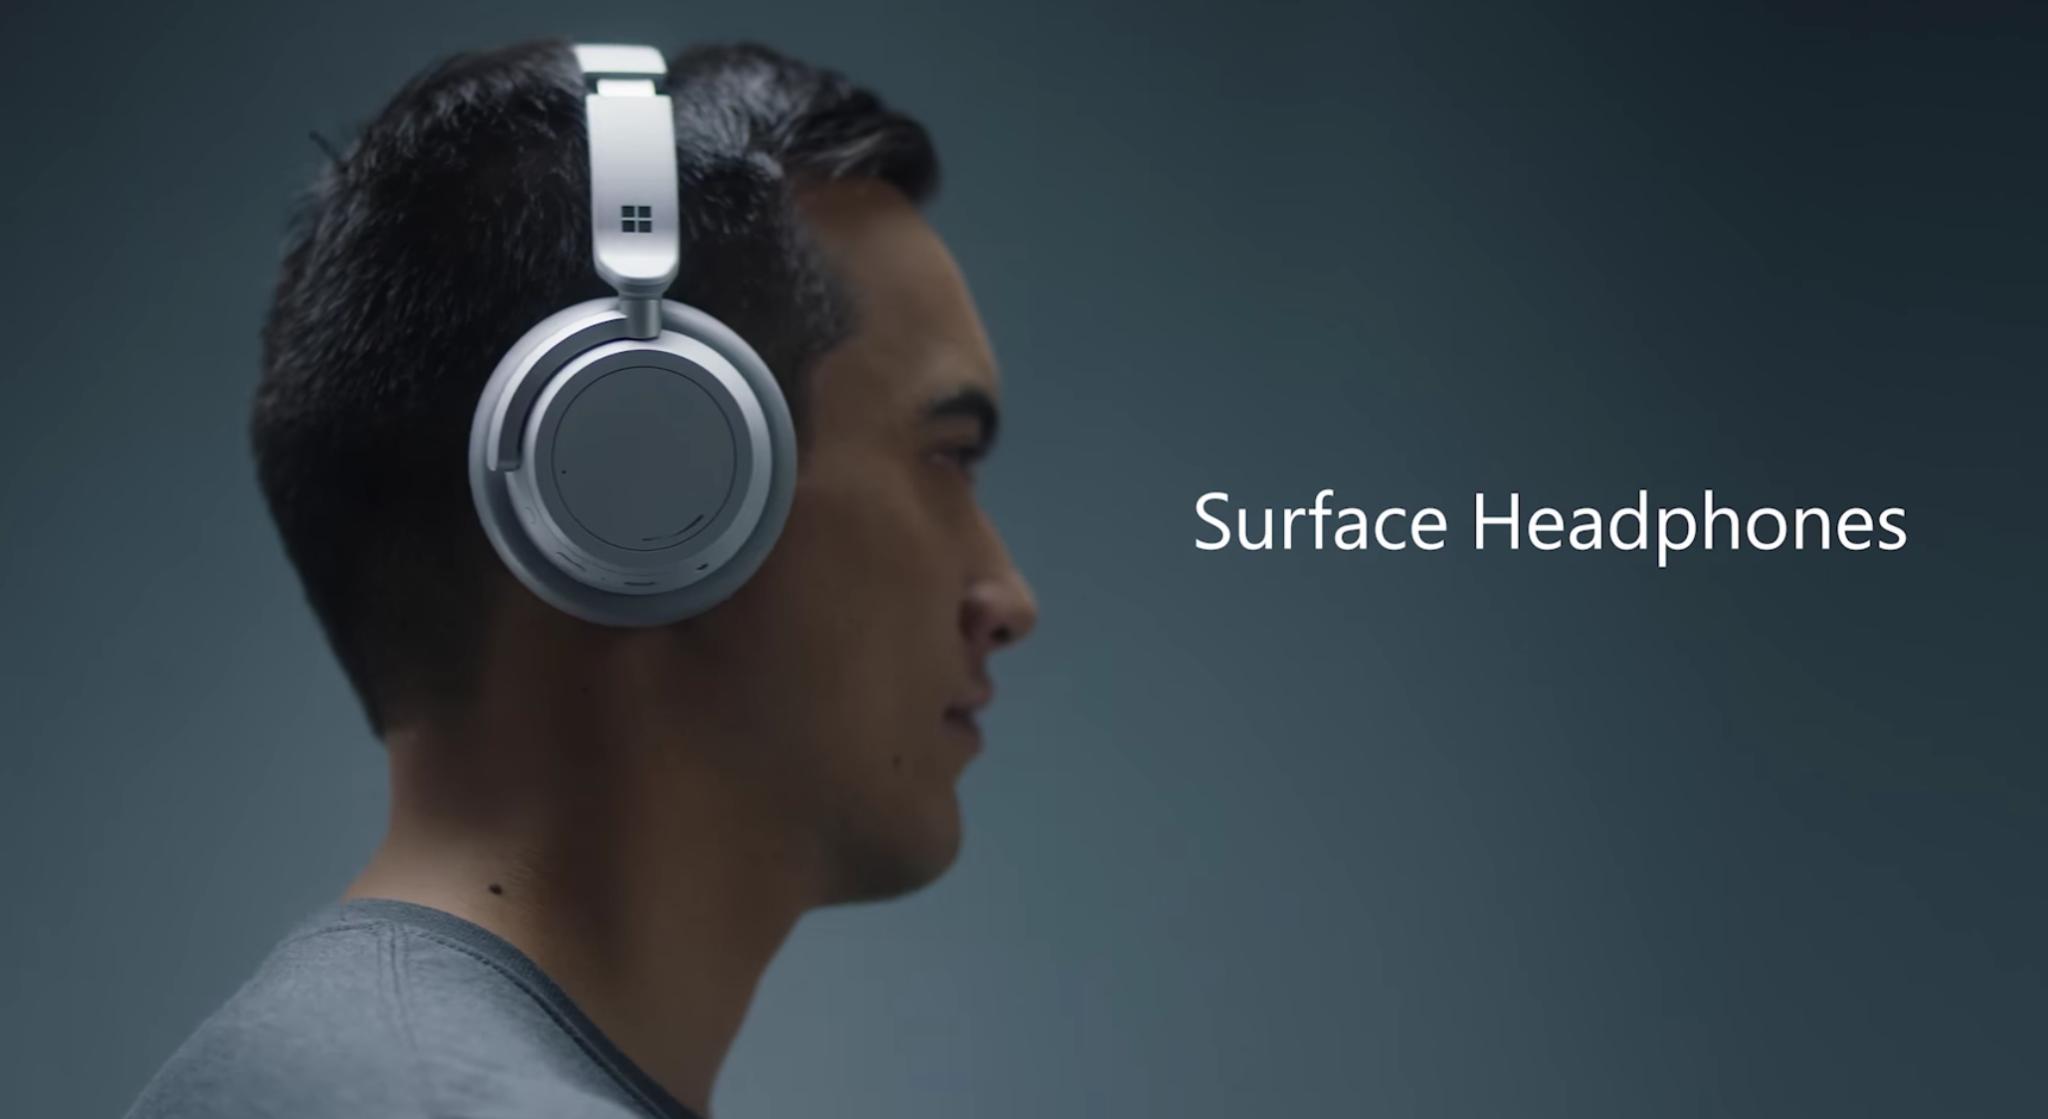 Површински слушалки